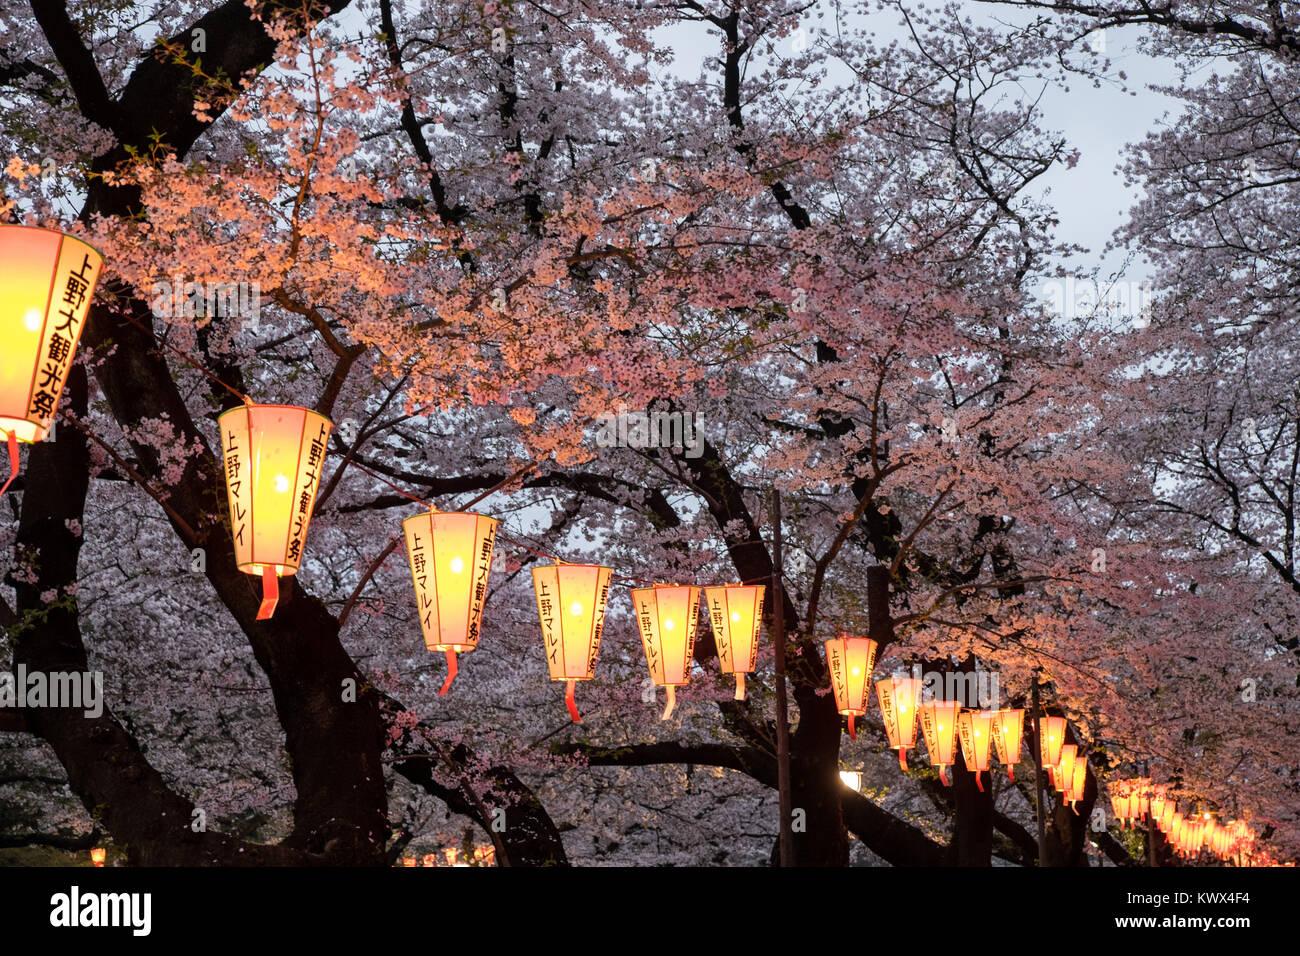 Giappone Tokyo: lanterne, luci, lampioni e ciliegi in piena fioritura nel Parco di Ueno Immagini Stock